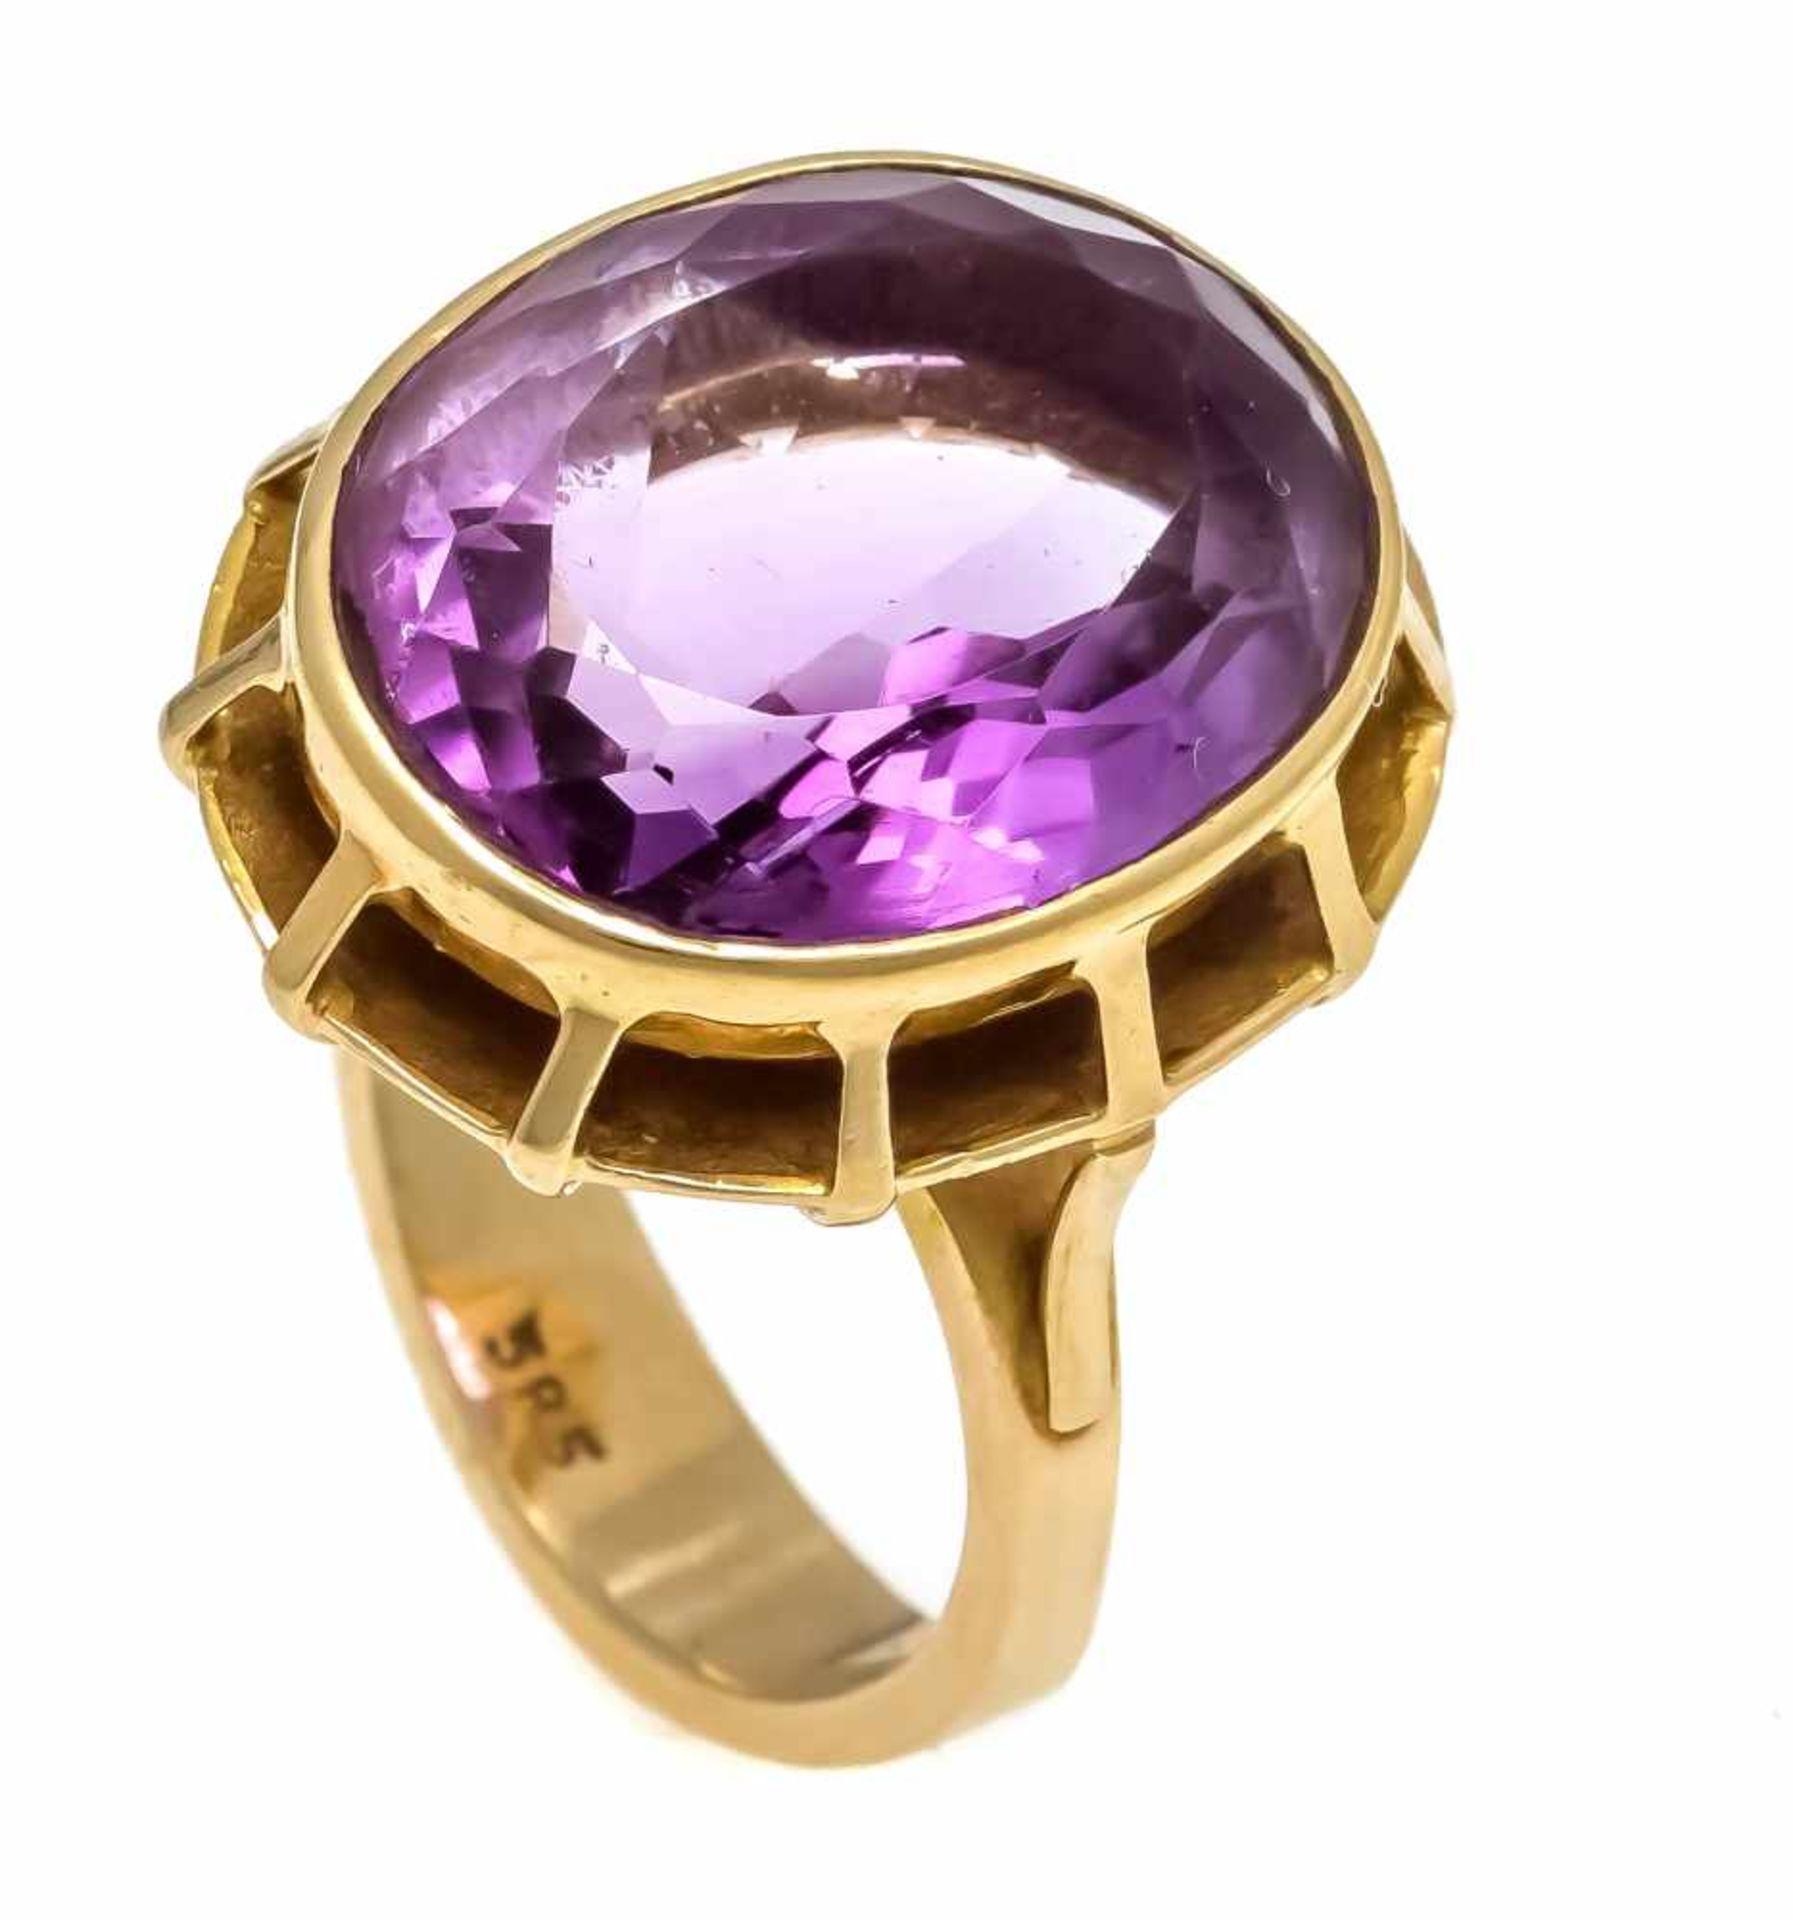 Amethyst-Ring GG 585/000 mit einem oval fac. Amethyst 17 x 14,2 mm, RG 54, 9,0 gAmethyst ring GG